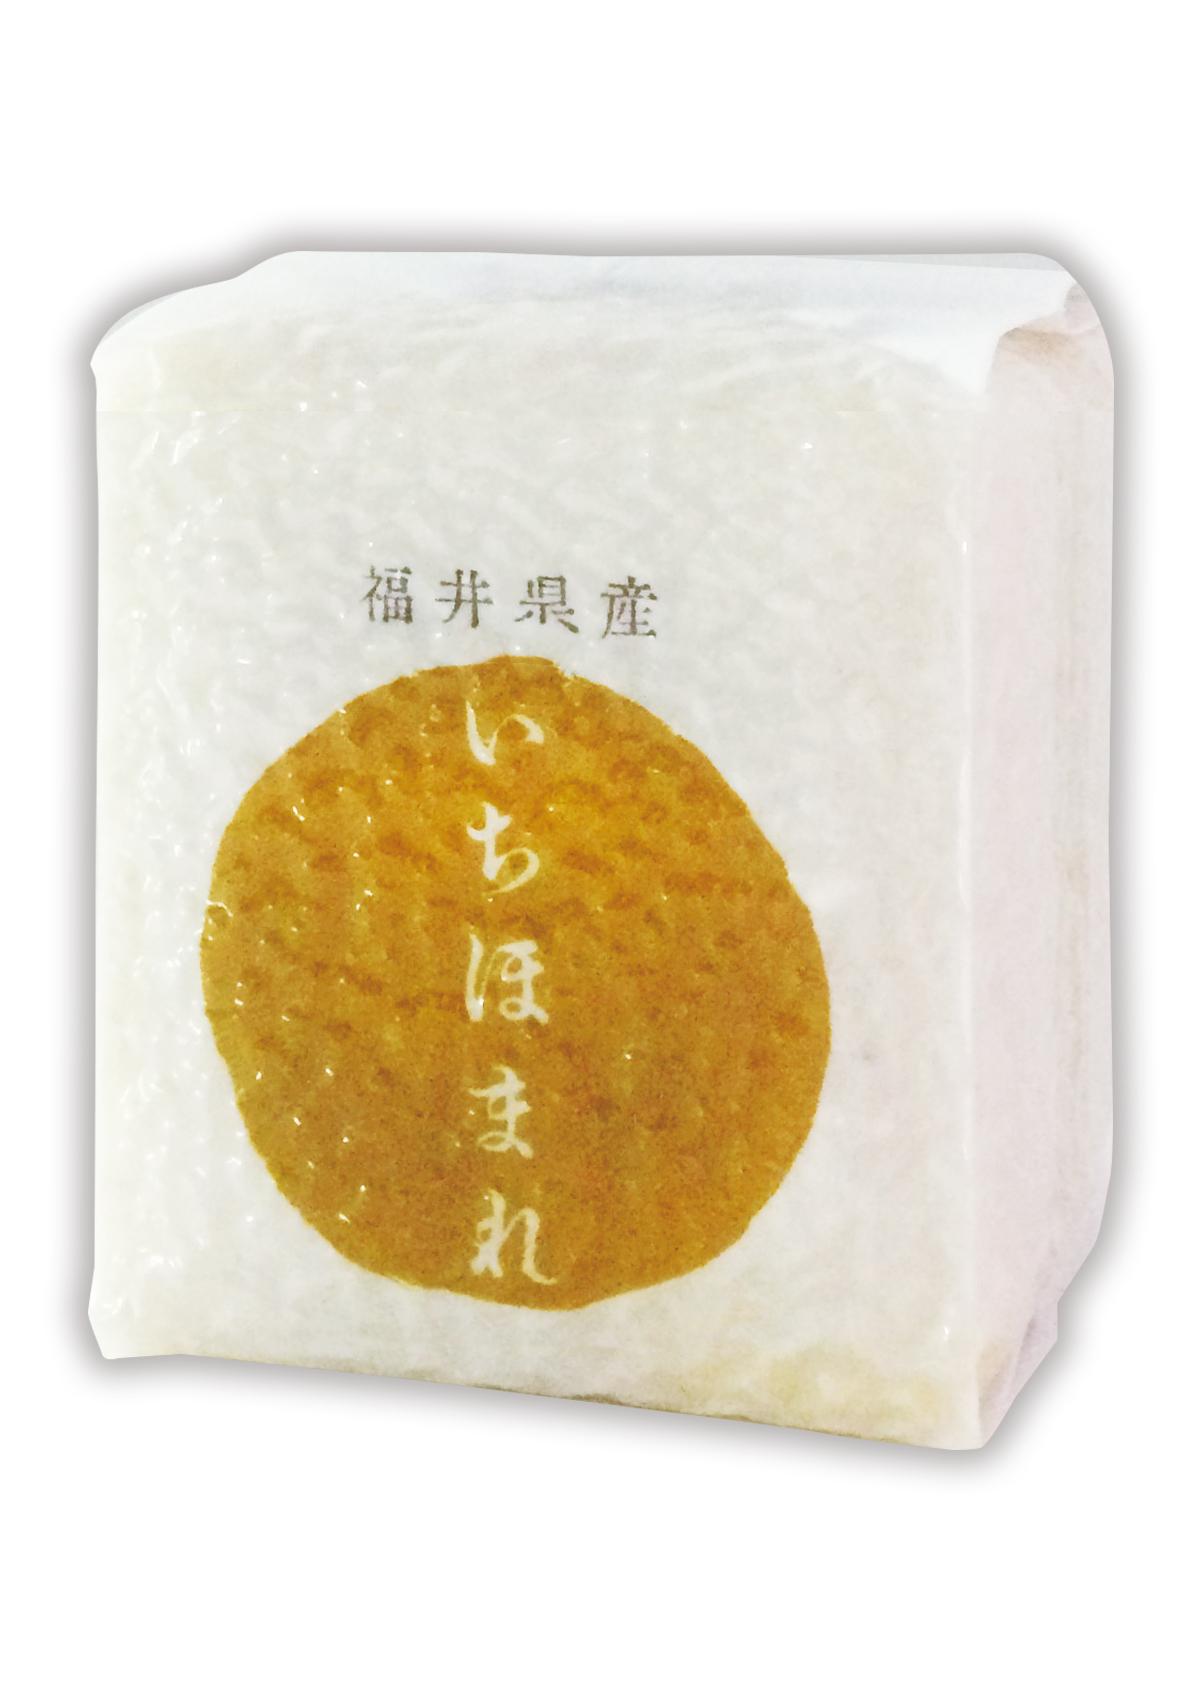 福井産 いちほまれ-5